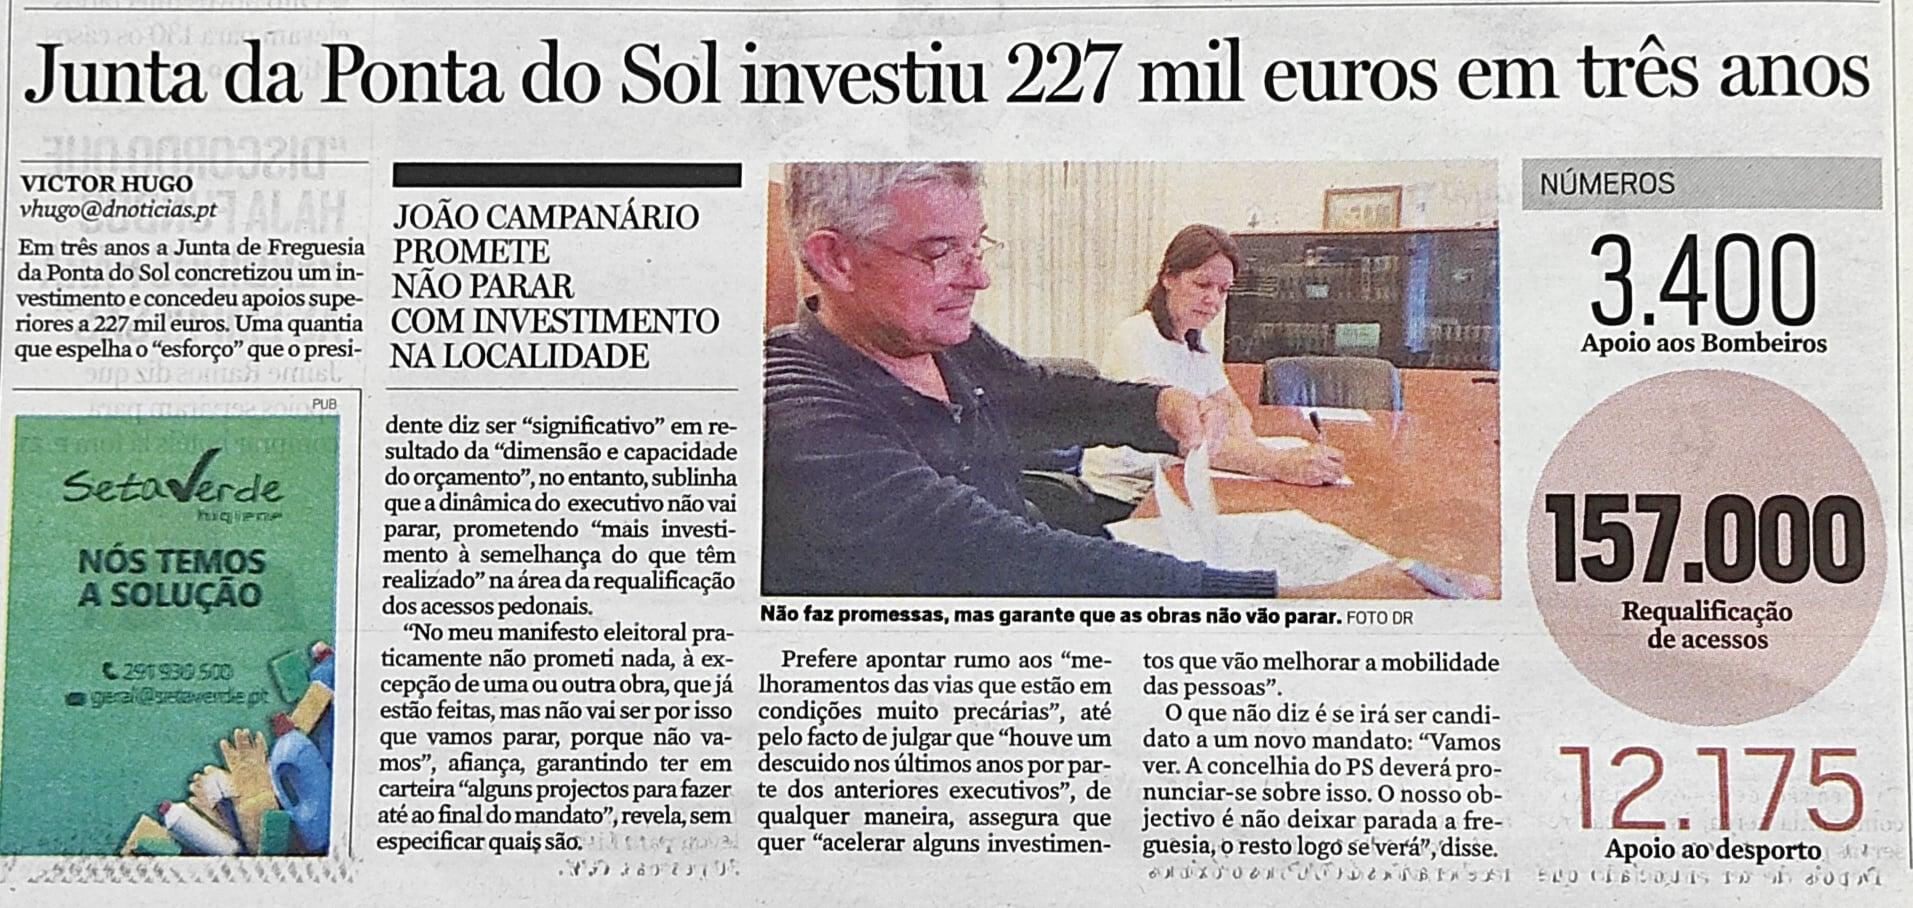 Junta de Freguesia da Ponta do Sol investiu 227 mil euros